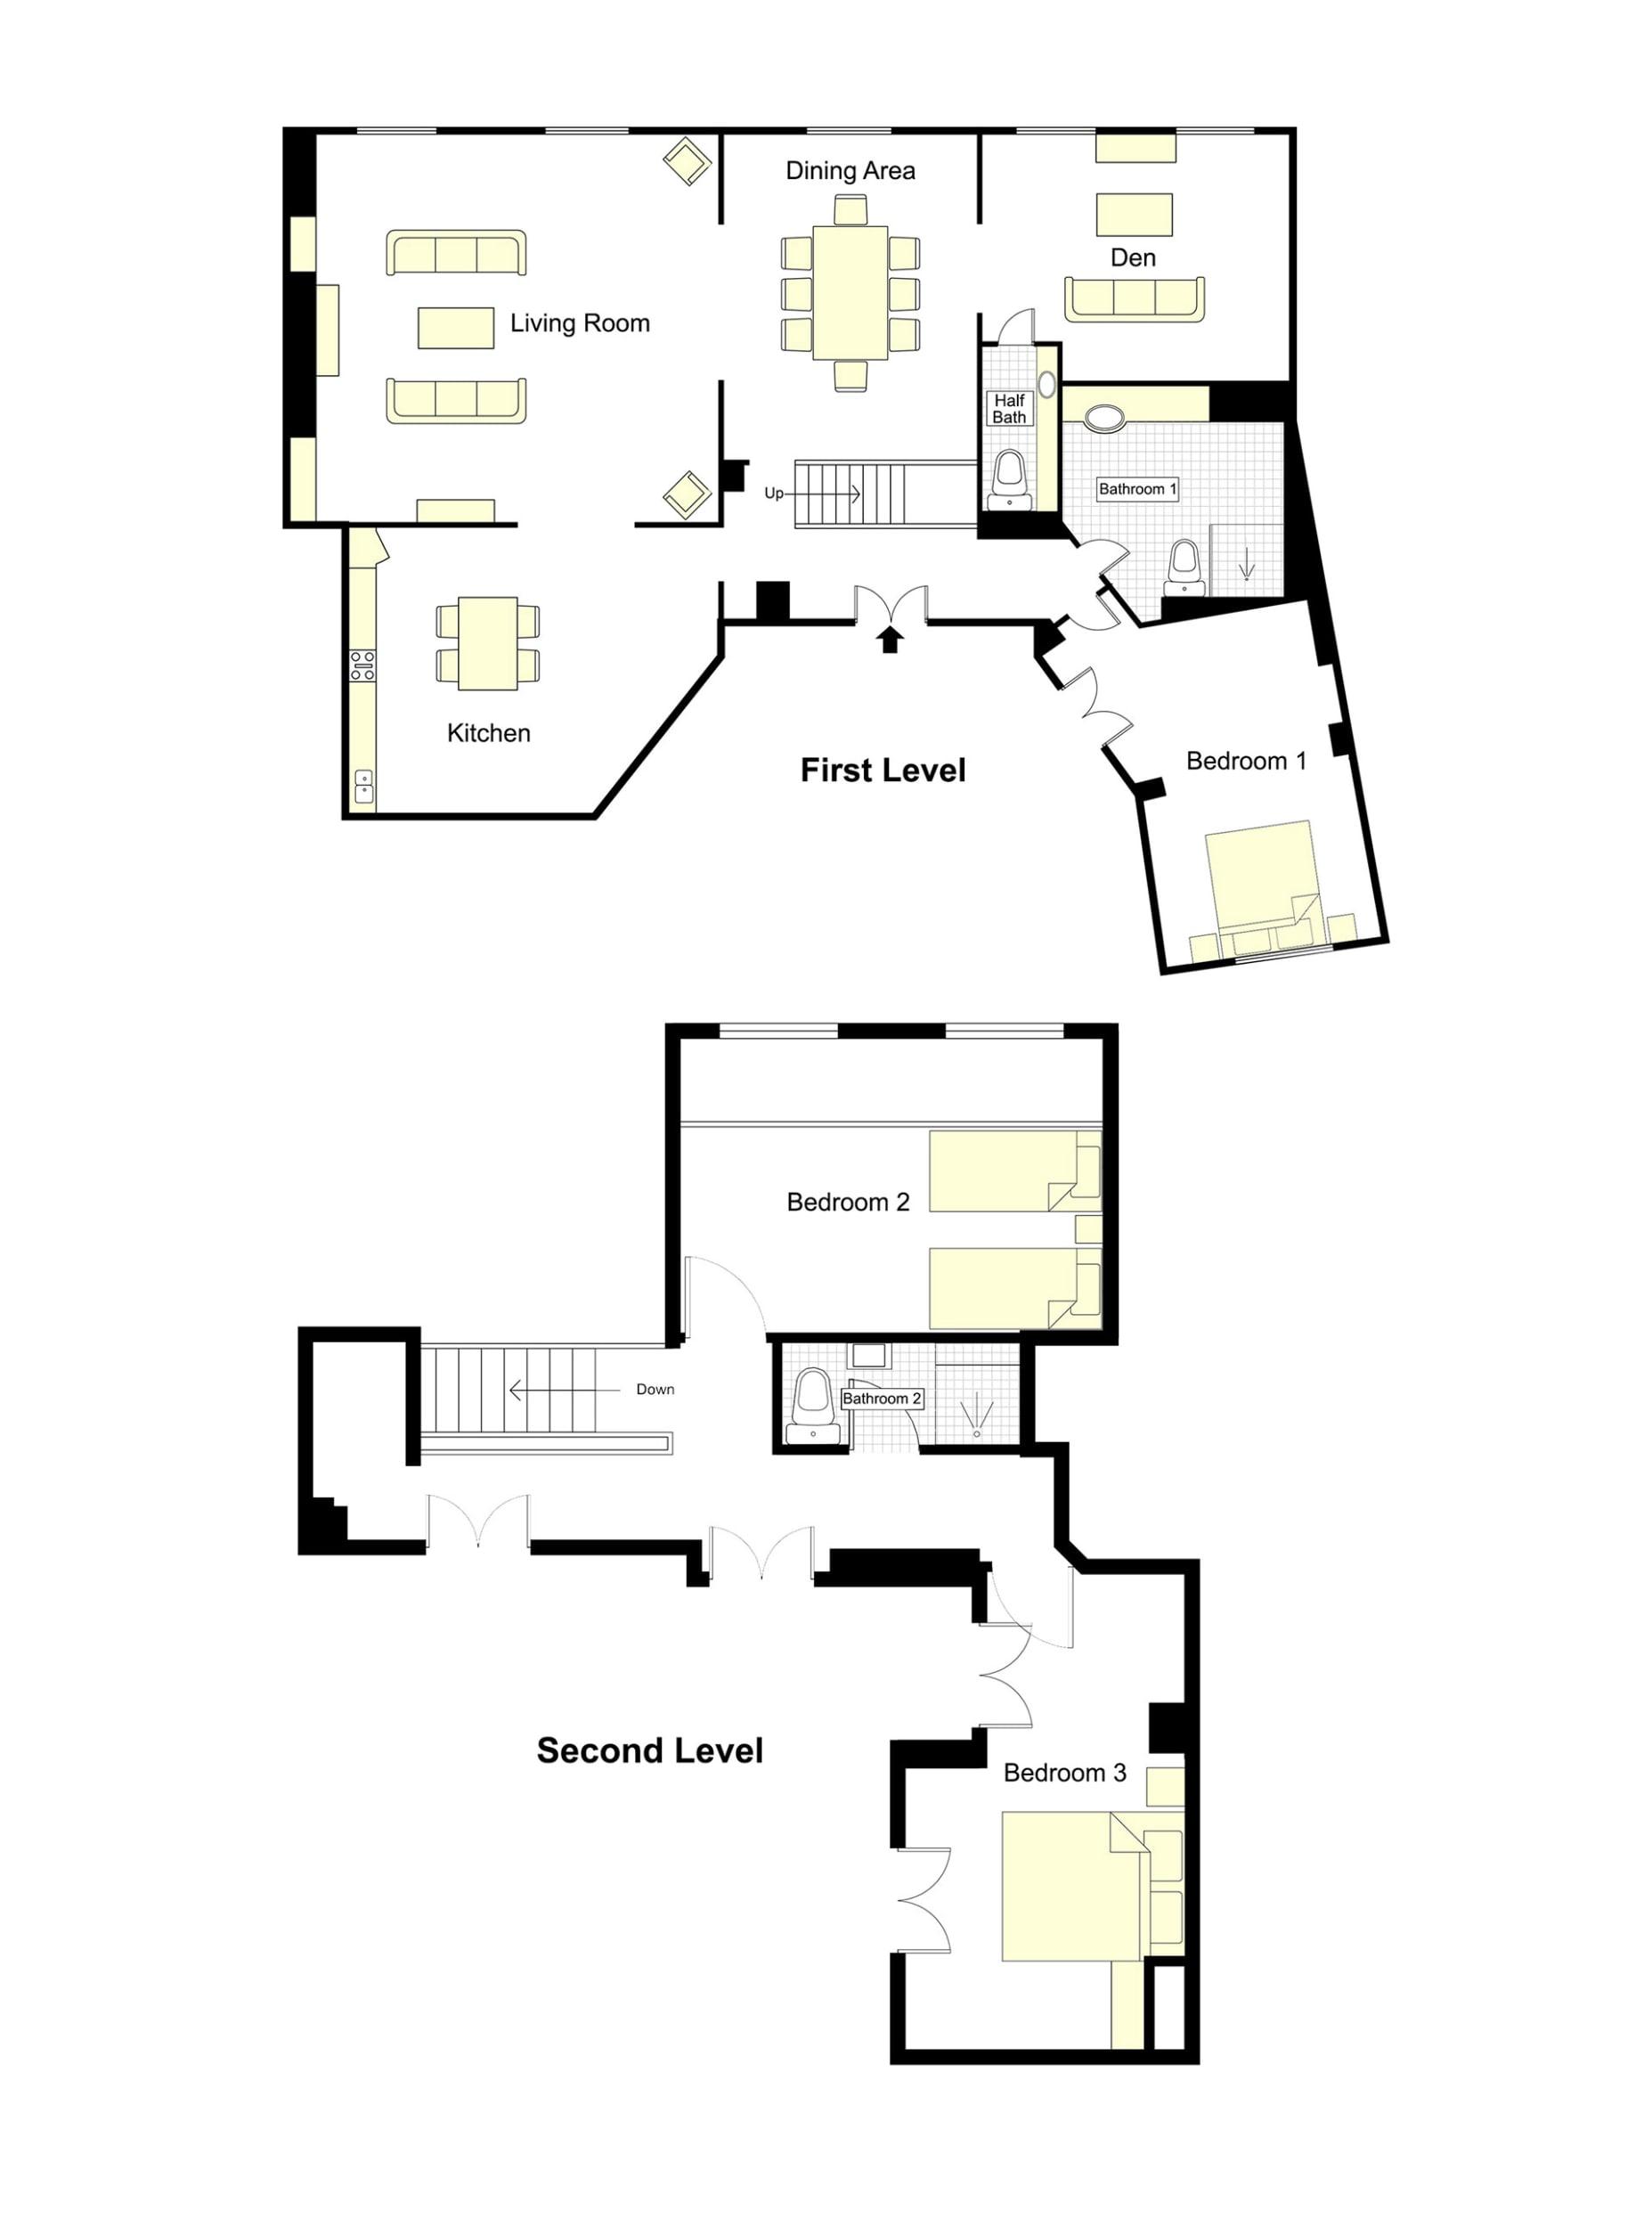 Clos Jolie Floorplan